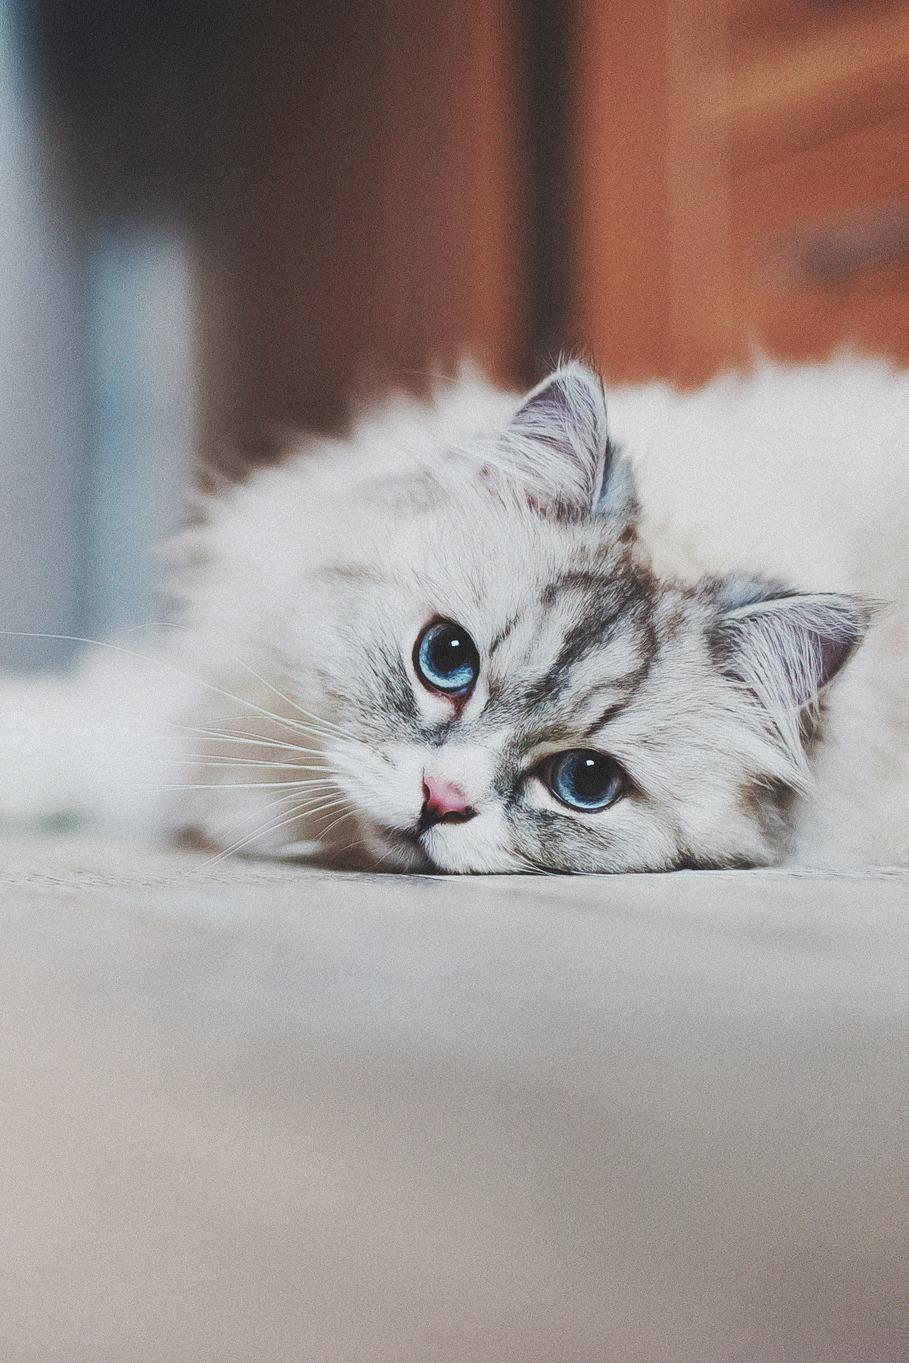 cat animal mammal pet kitten portrait domestic cute fur eye whisker funny